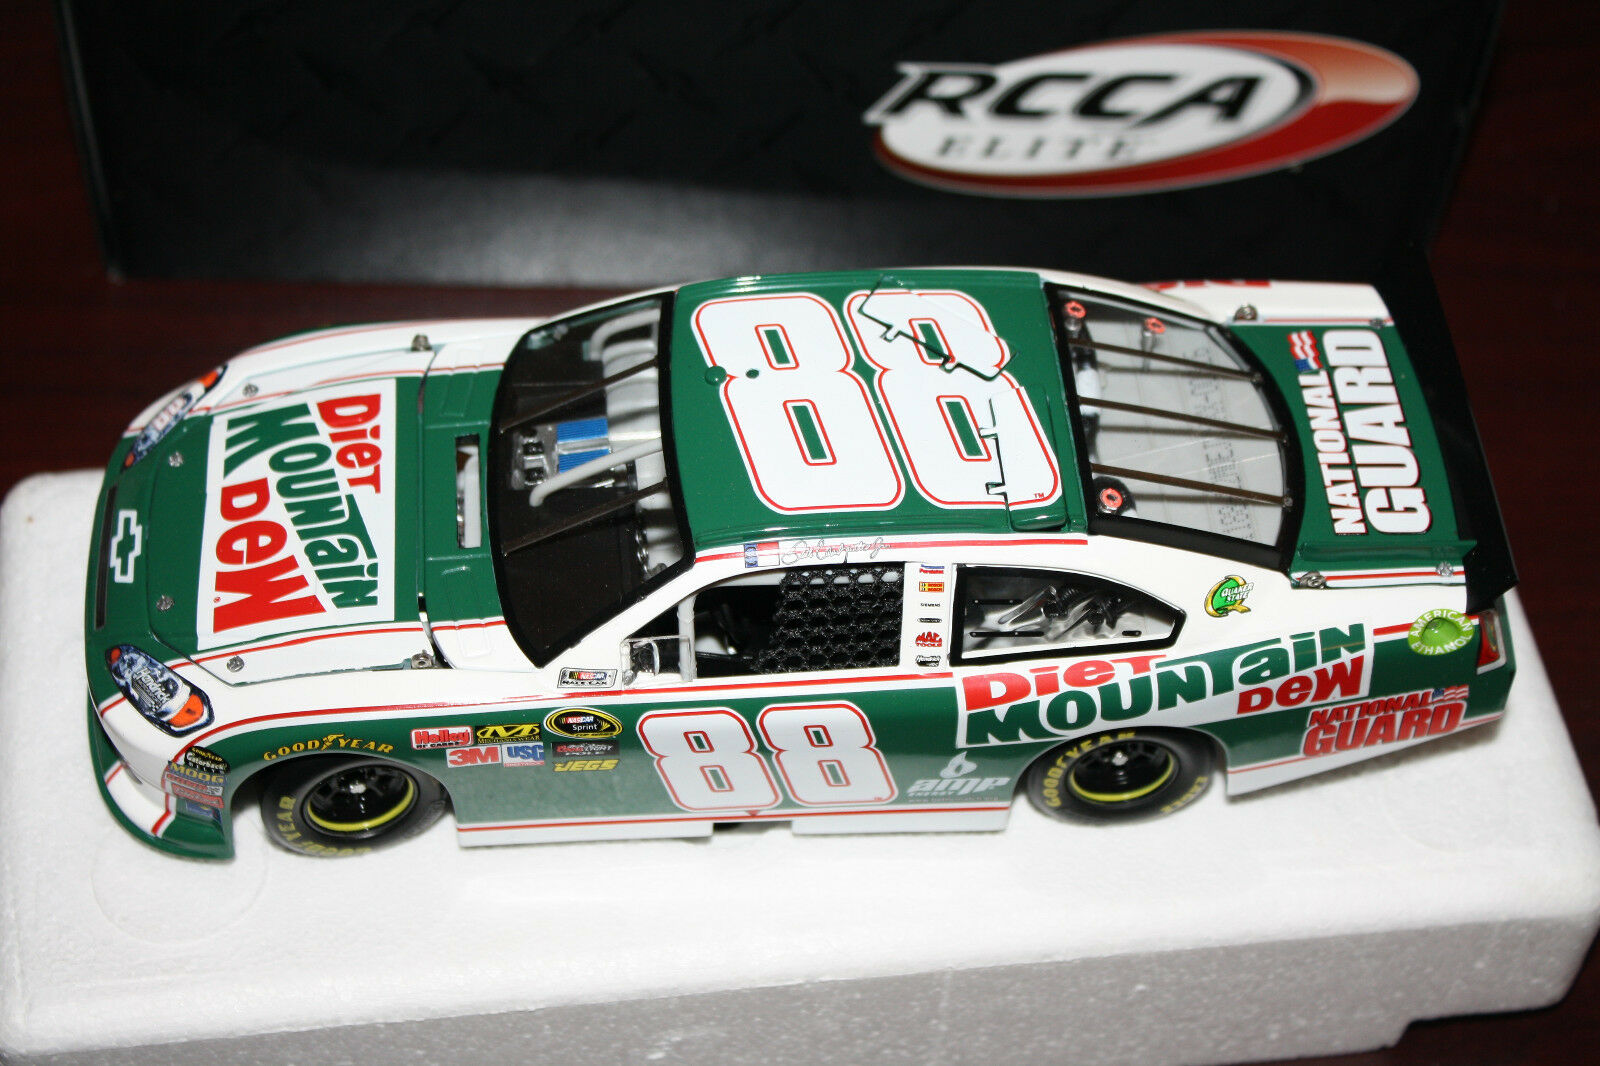 2011 Dale Earnhardt Jr Diet Mountain Dew Paint the 88 Elite 1 24 très difficile à trouver RARE